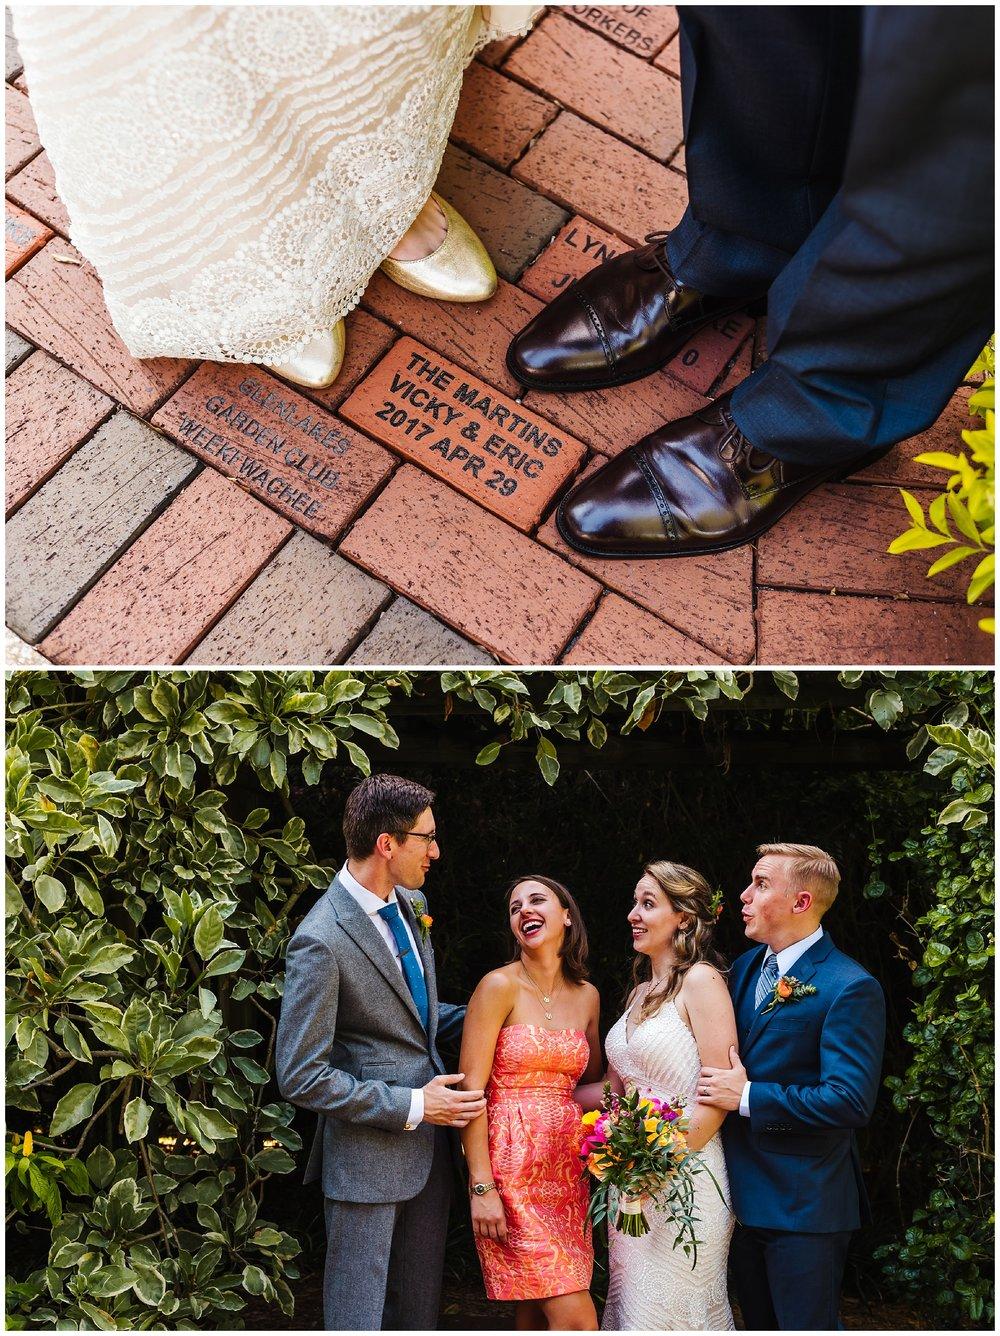 st-pete-wedding-photographer-post-card-inn-sunken-gardens-hawaiian-theme-dueling-pianos_0034.jpg